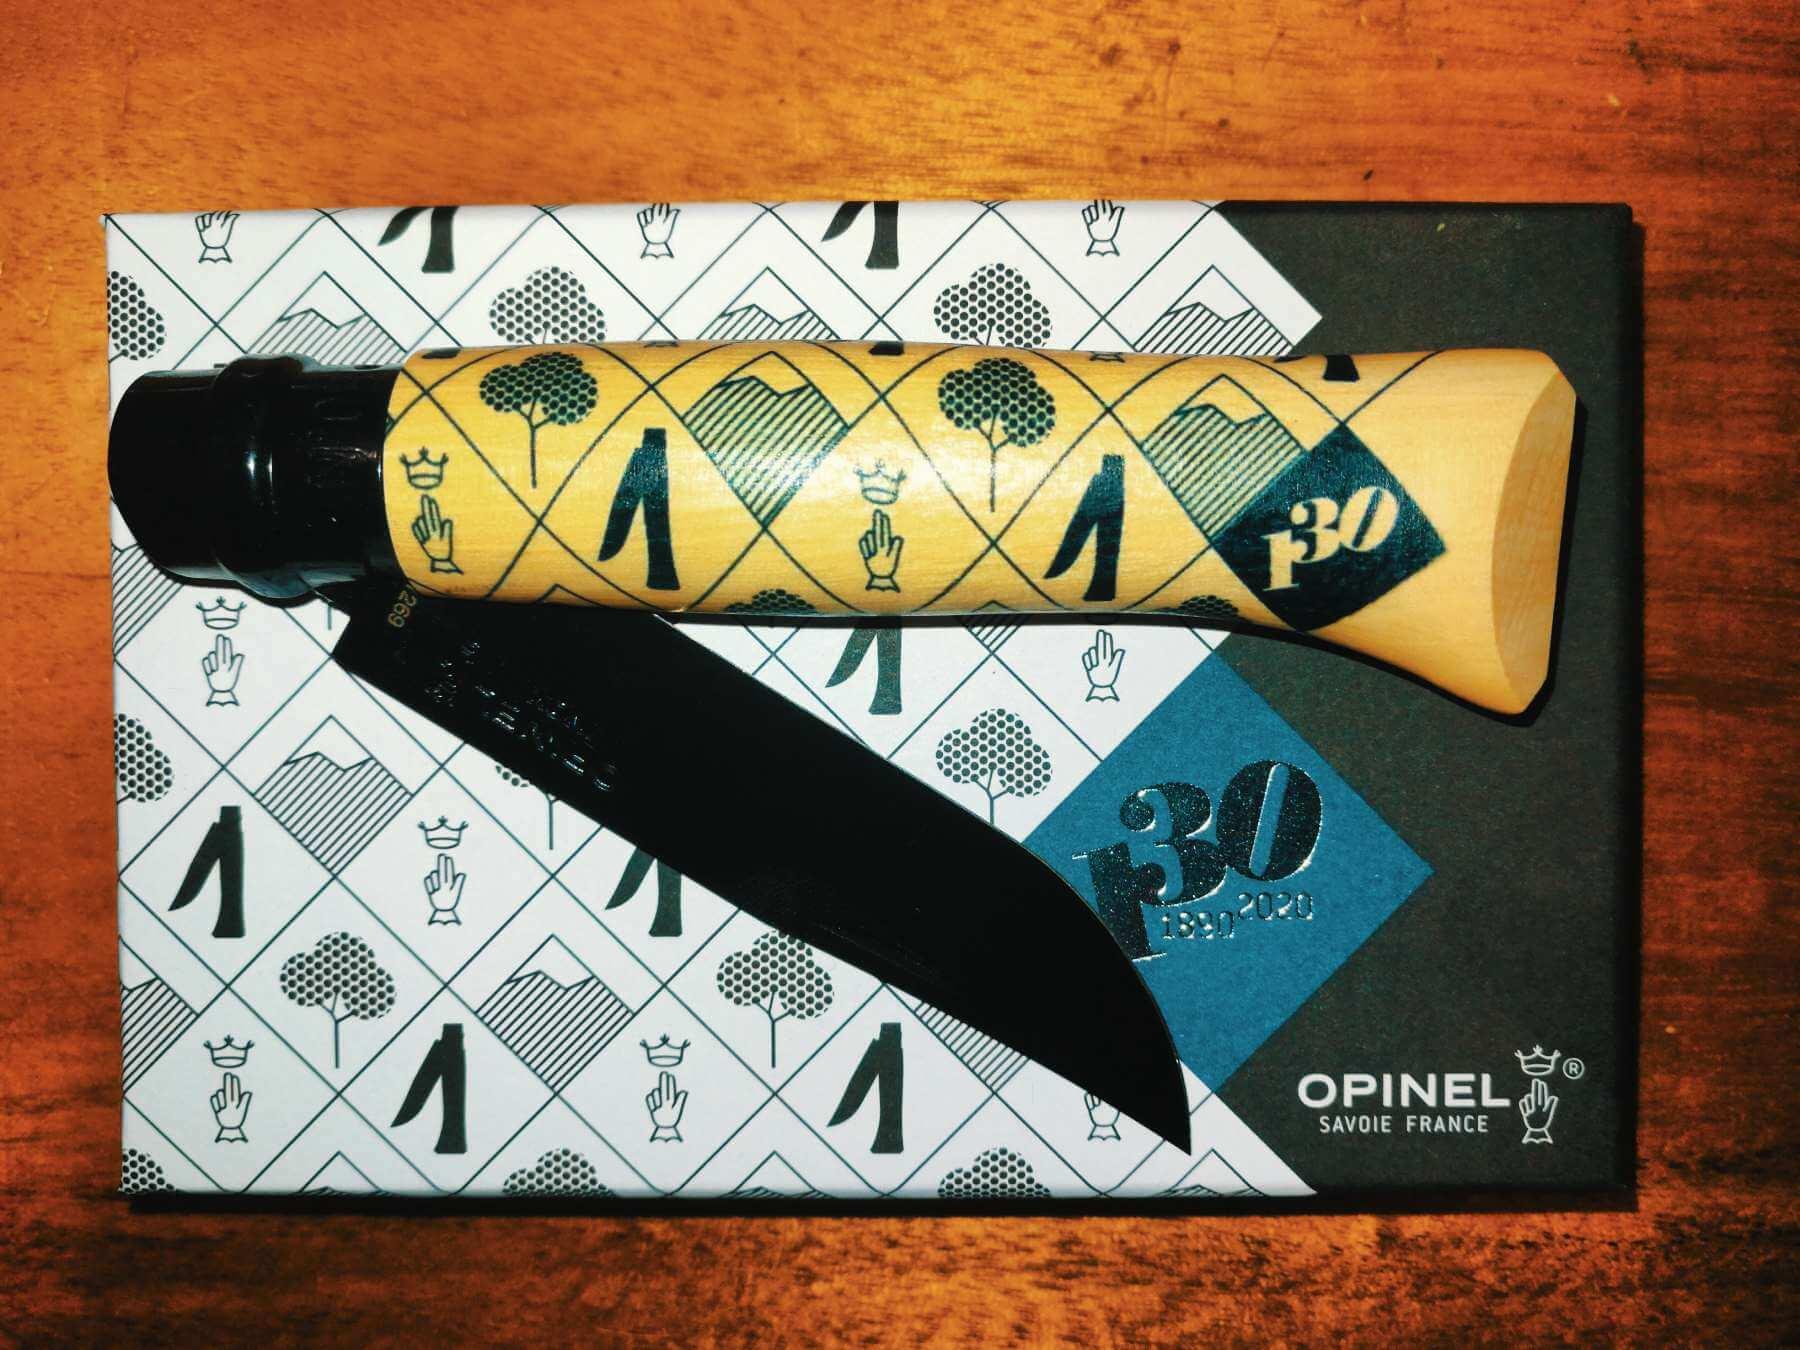 Opinel No.8 130 Jahre Jubiläumsedition - Taschenmesser, Klappmesser, Sammlermesser